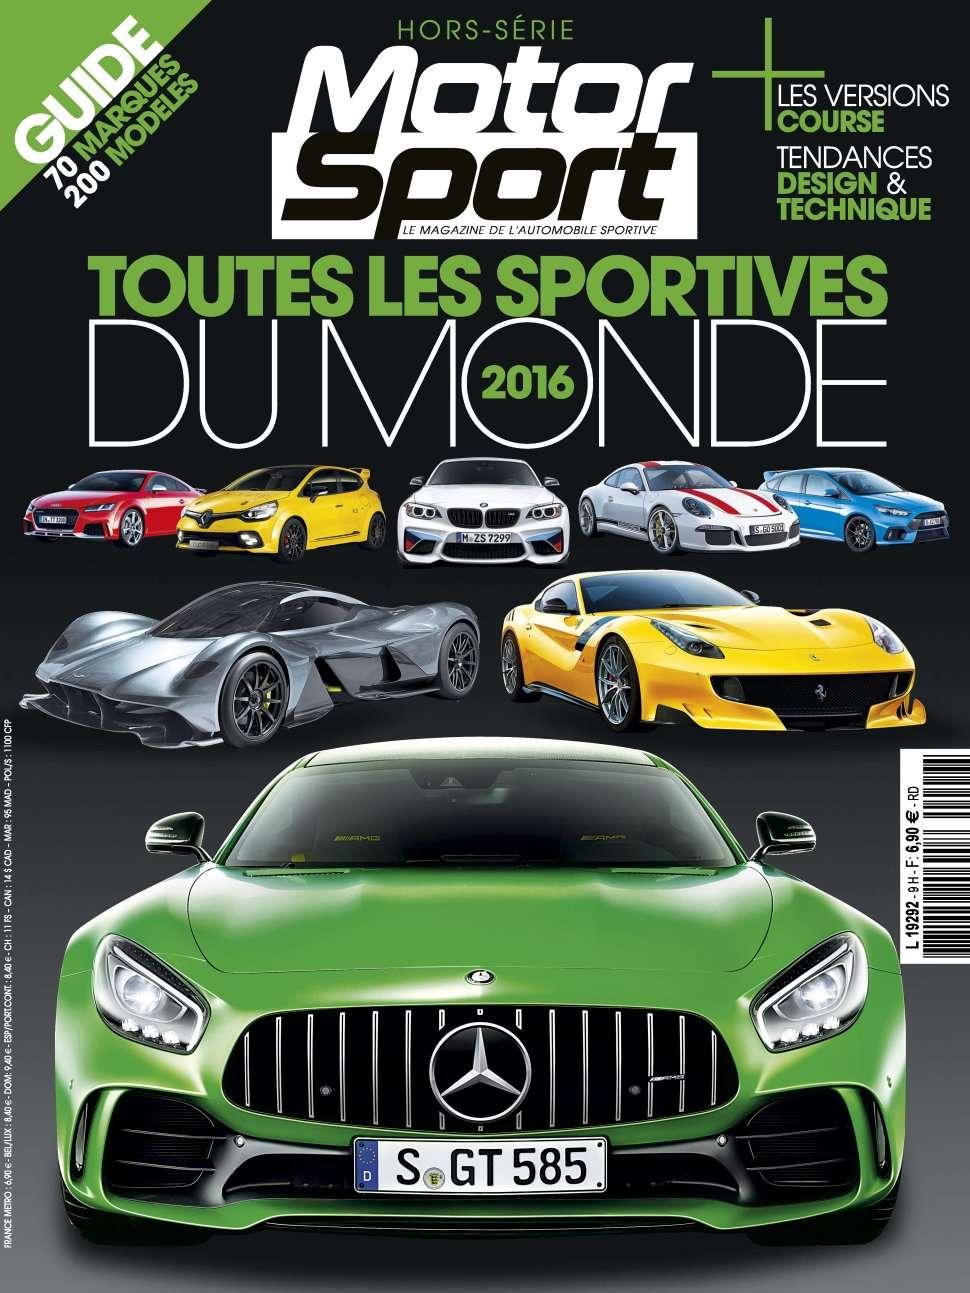 Motorsport Hors Série 9 - Toutes Les Sportives du Monde 2016